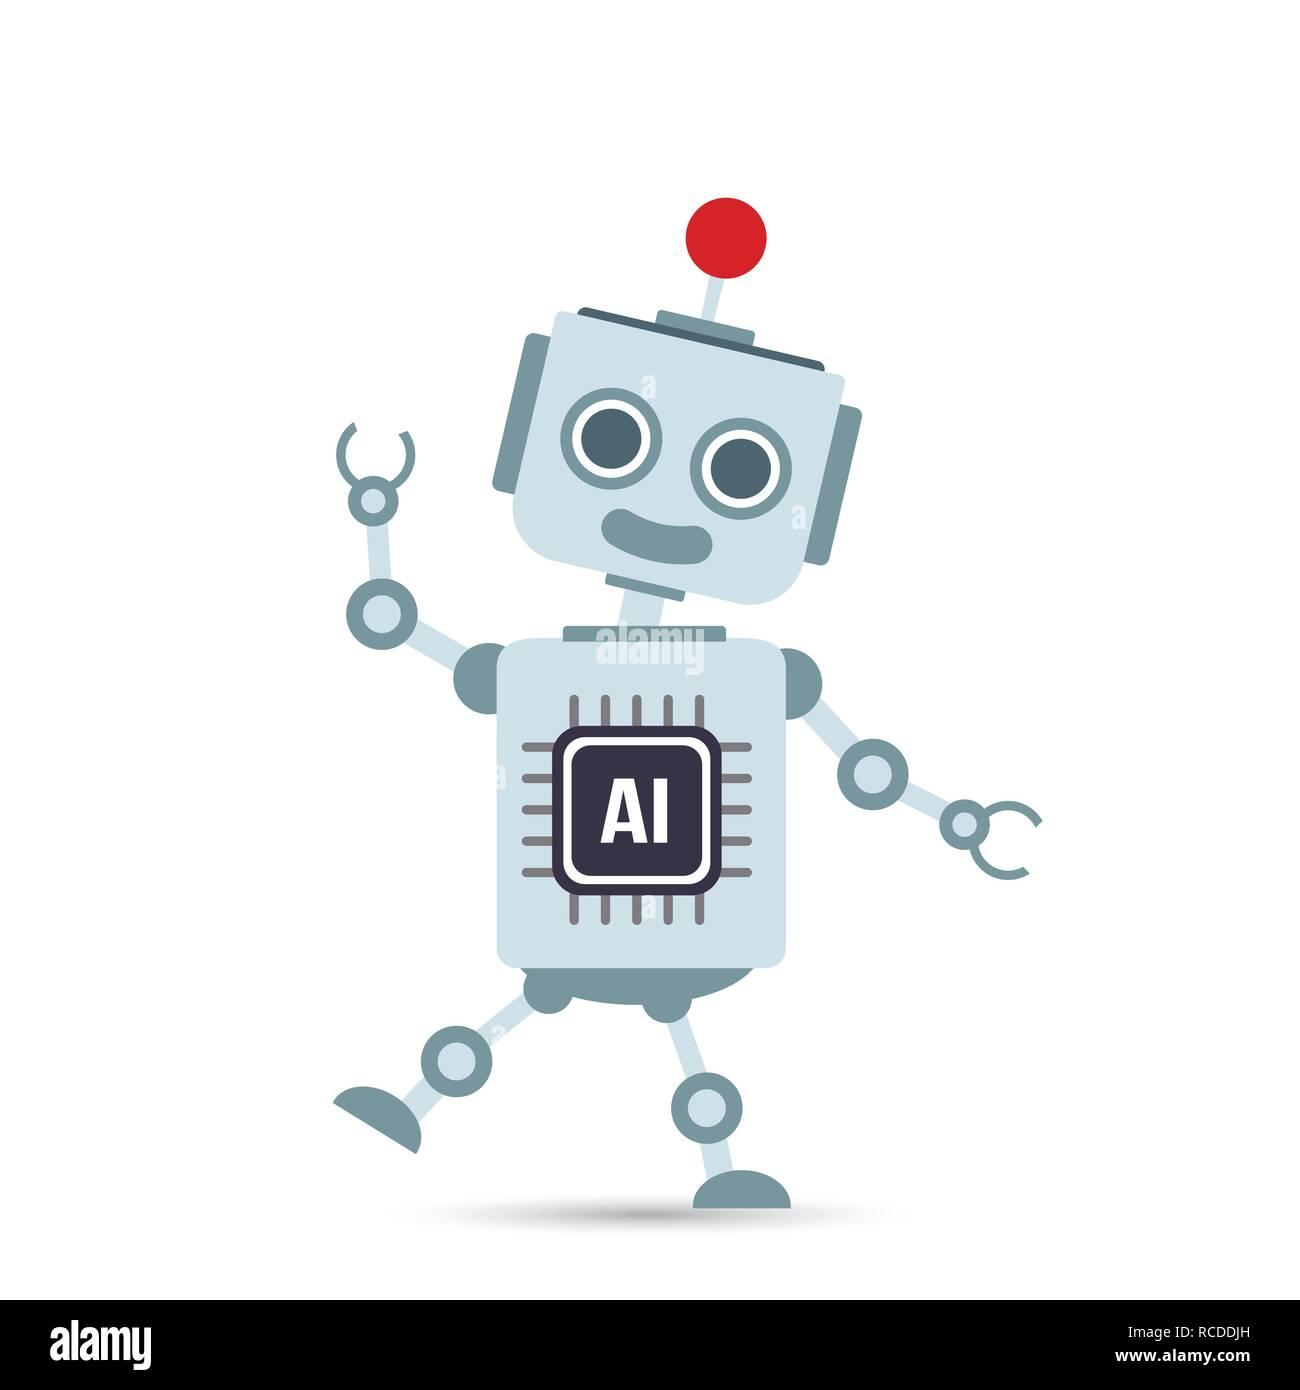 AI intelligenza artificiale robot tecnologia cartoon elemento di design illustrazione vettoriale EPS10 Illustrazione Vettoriale